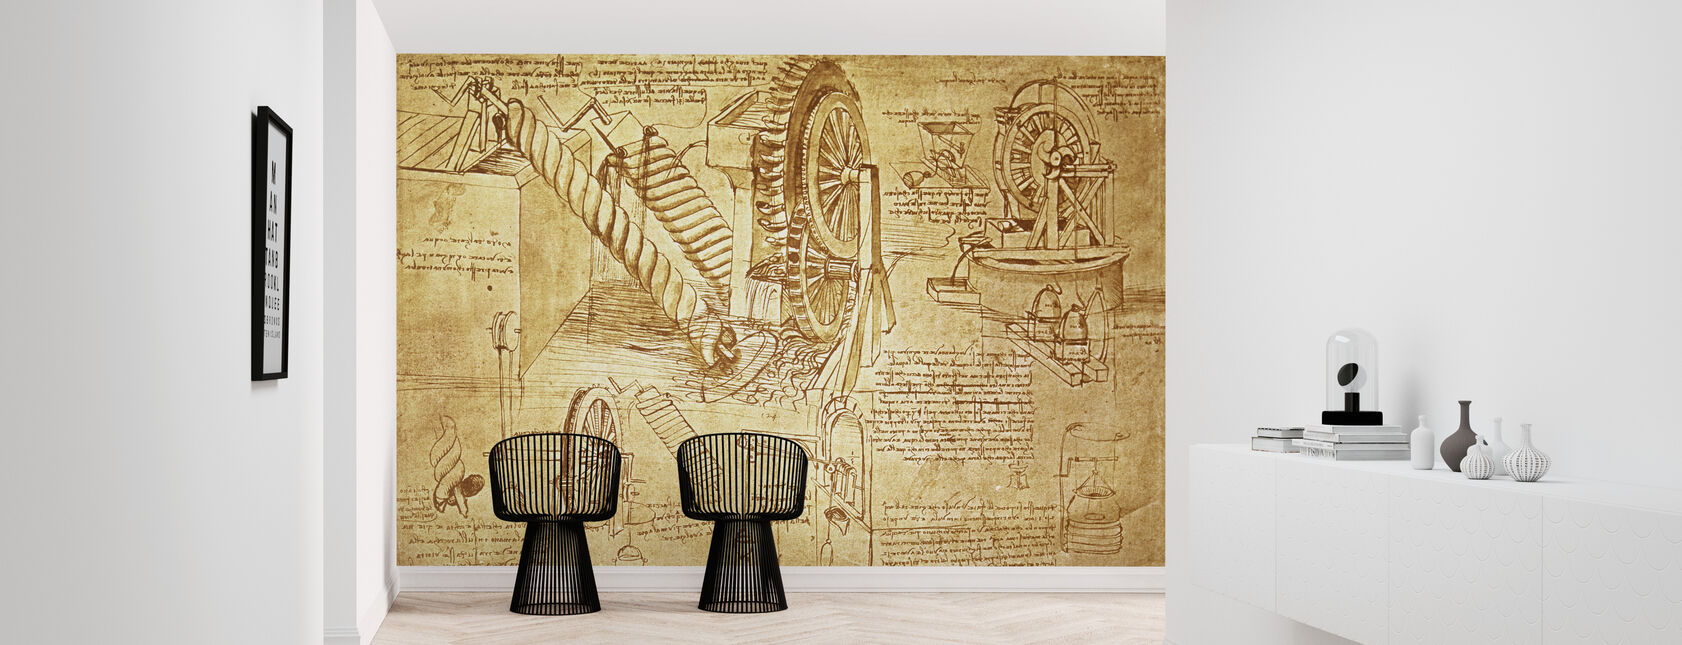 Leonardo da Vinci - Atlanticus - Wallpaper - Hallway